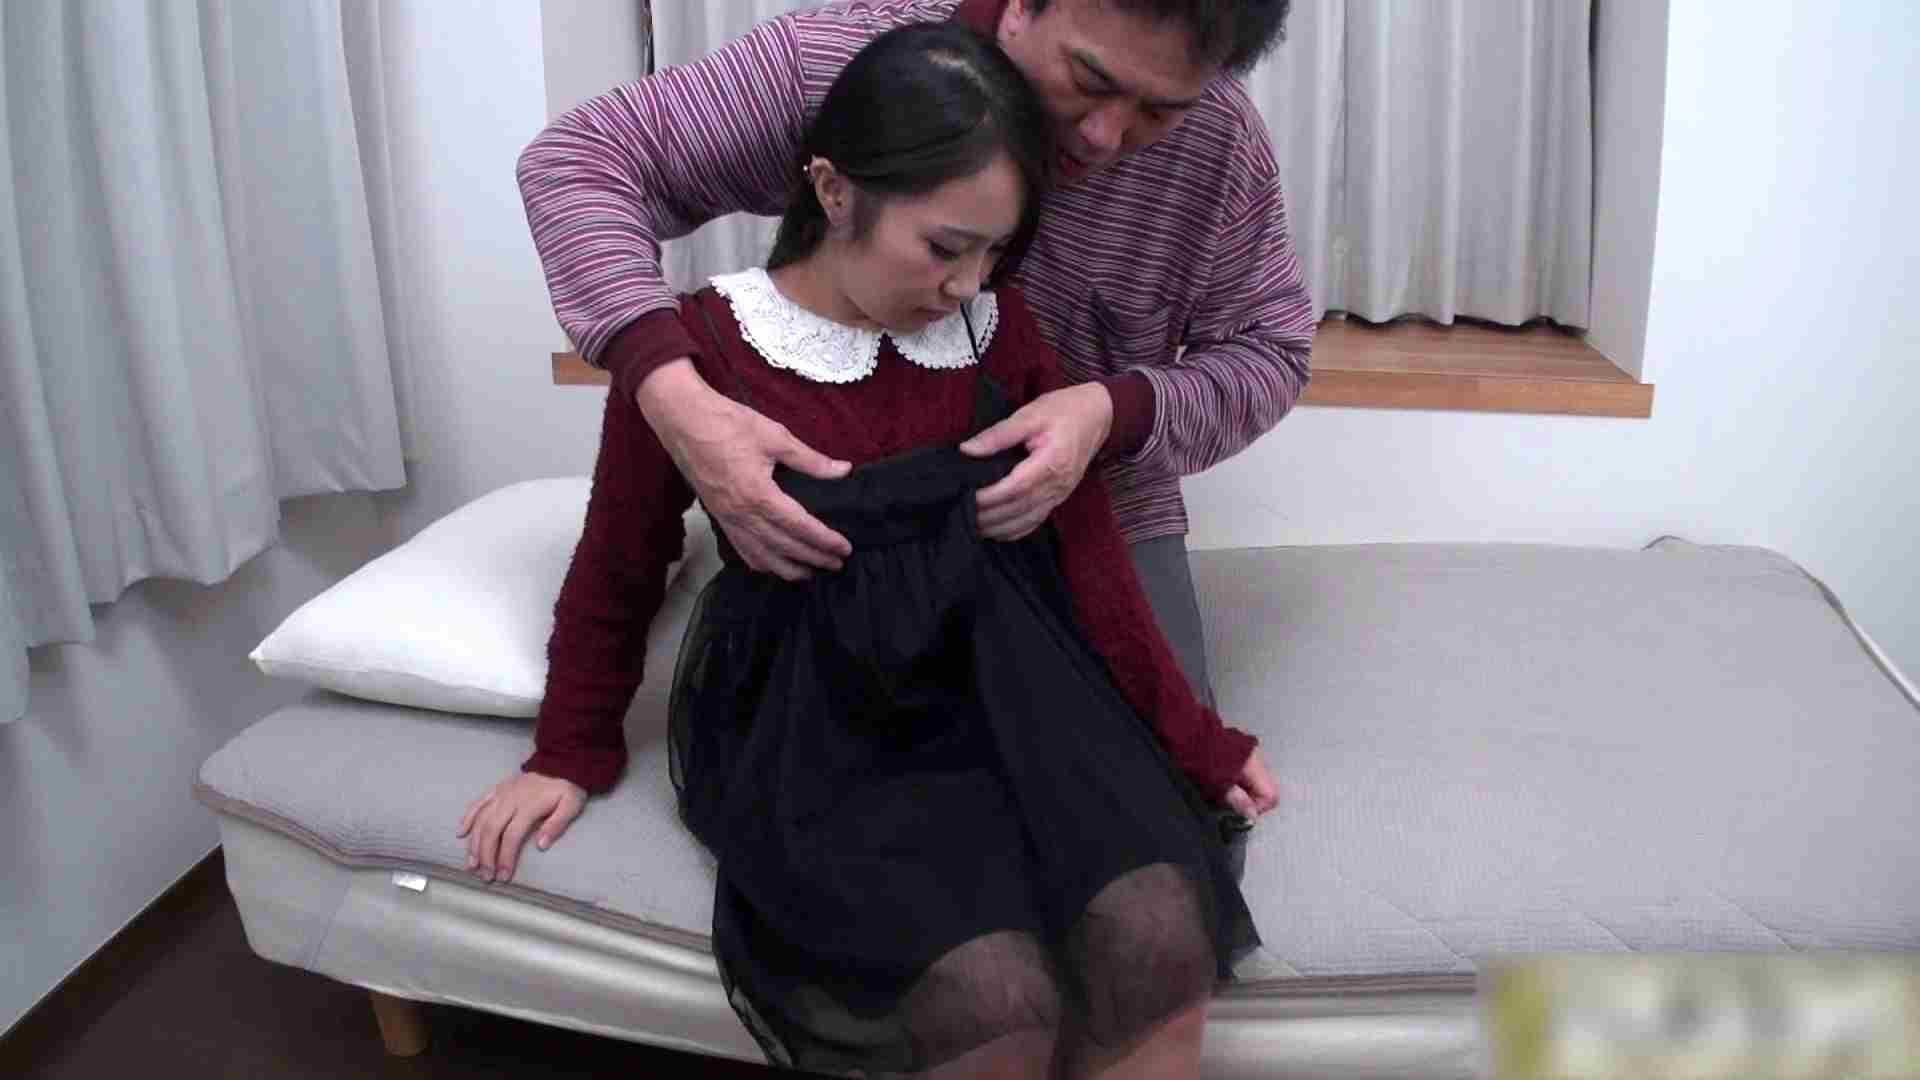 おしえてギャル子のH塾 Vol.12 前編 小悪魔ギャル  59連発 9